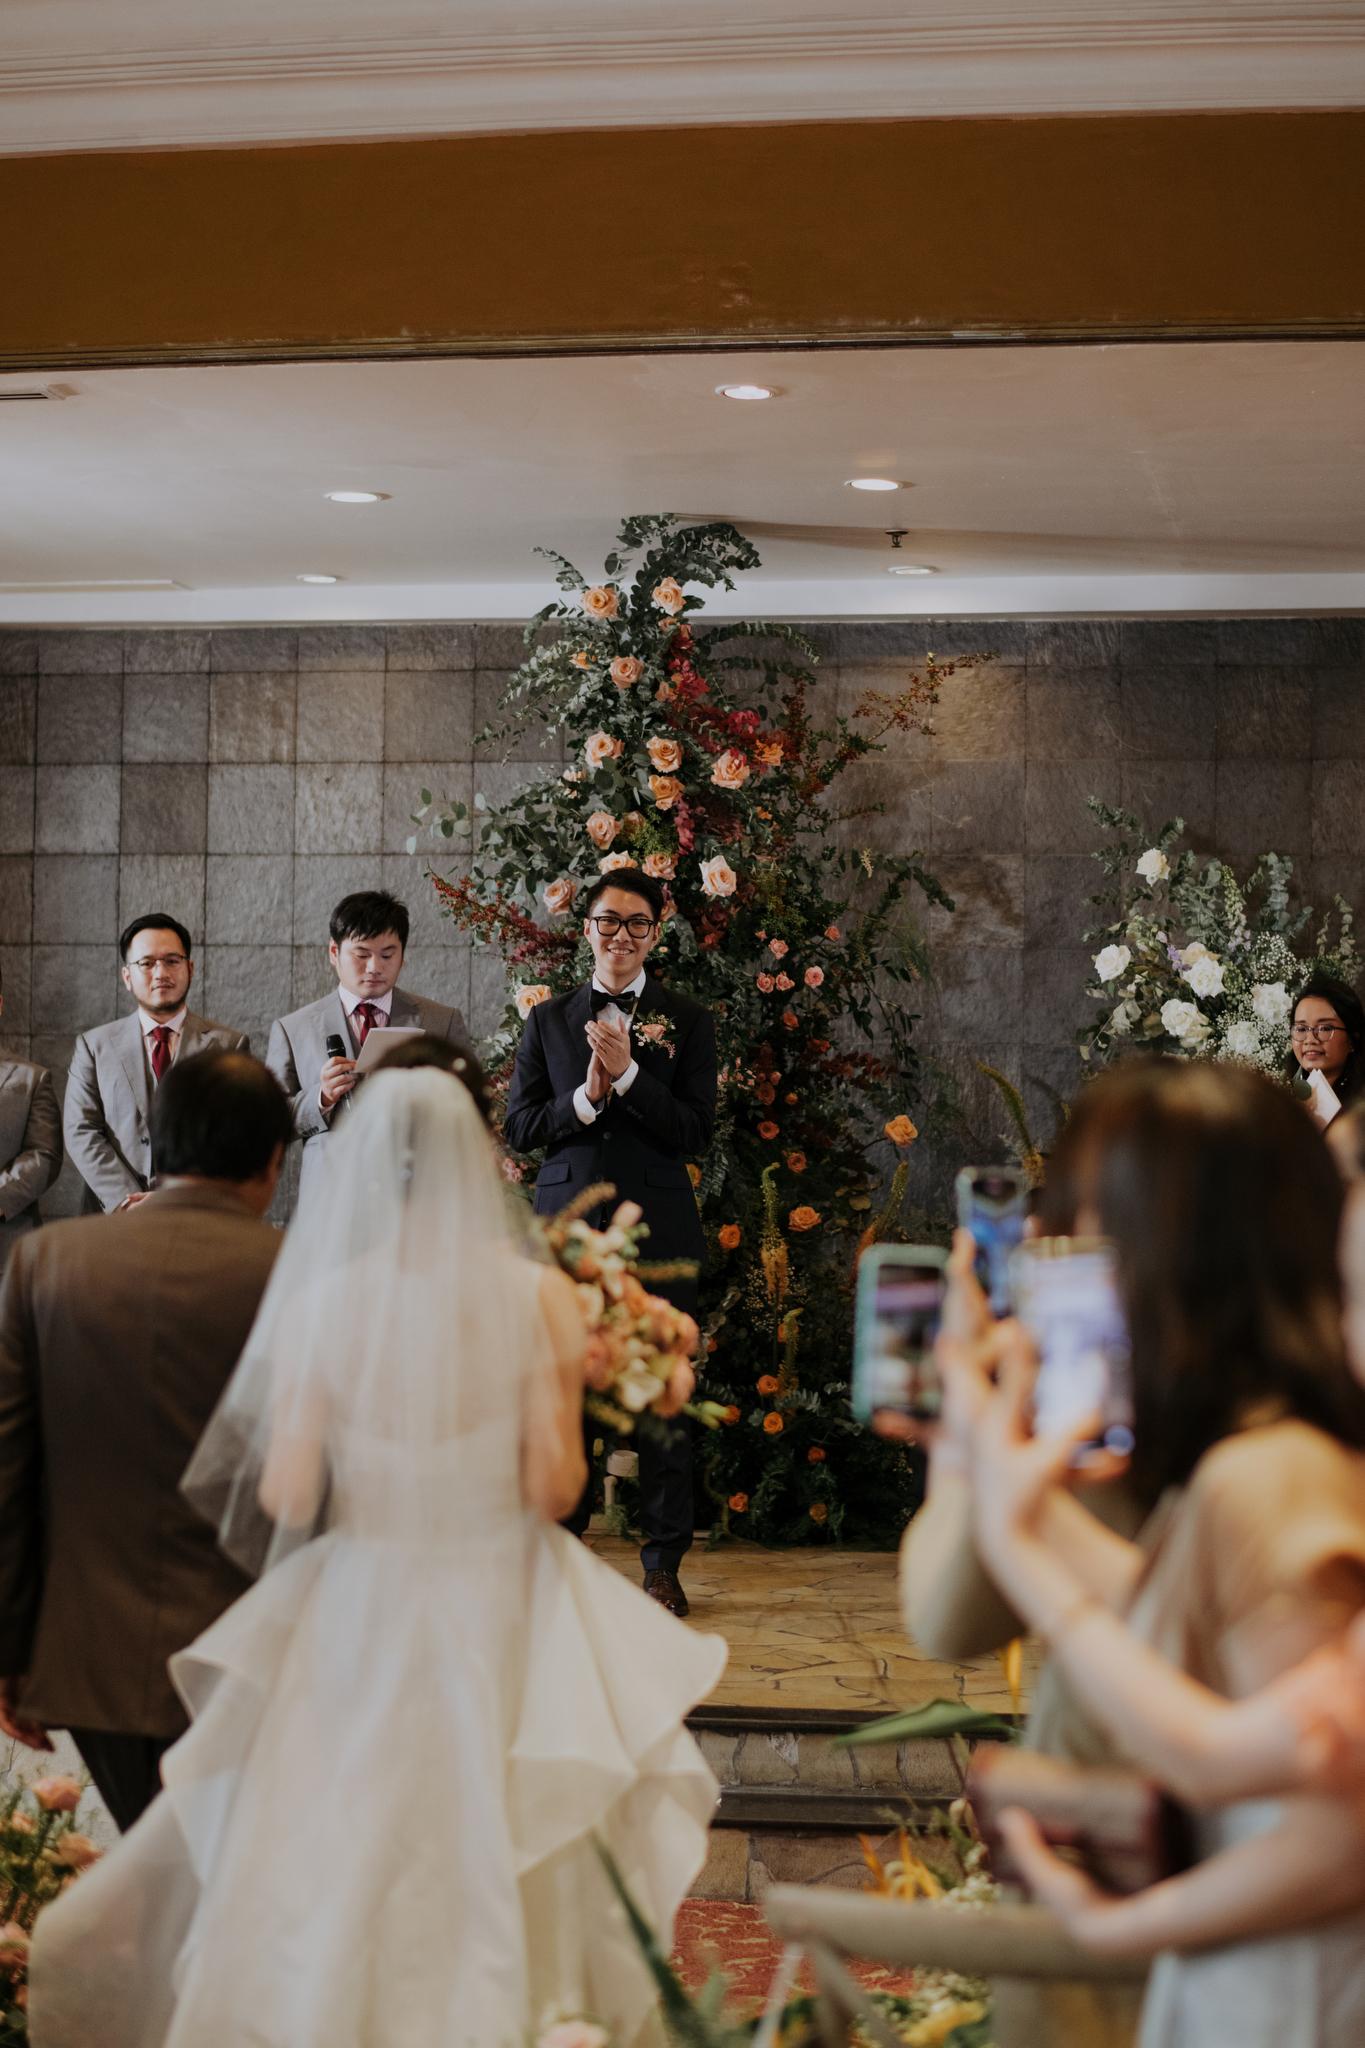 https://huk.s3.amazonaws.com/uploads/image/source/1402/Phuong-Diep-HN-Ceremony-1-0434.JPG